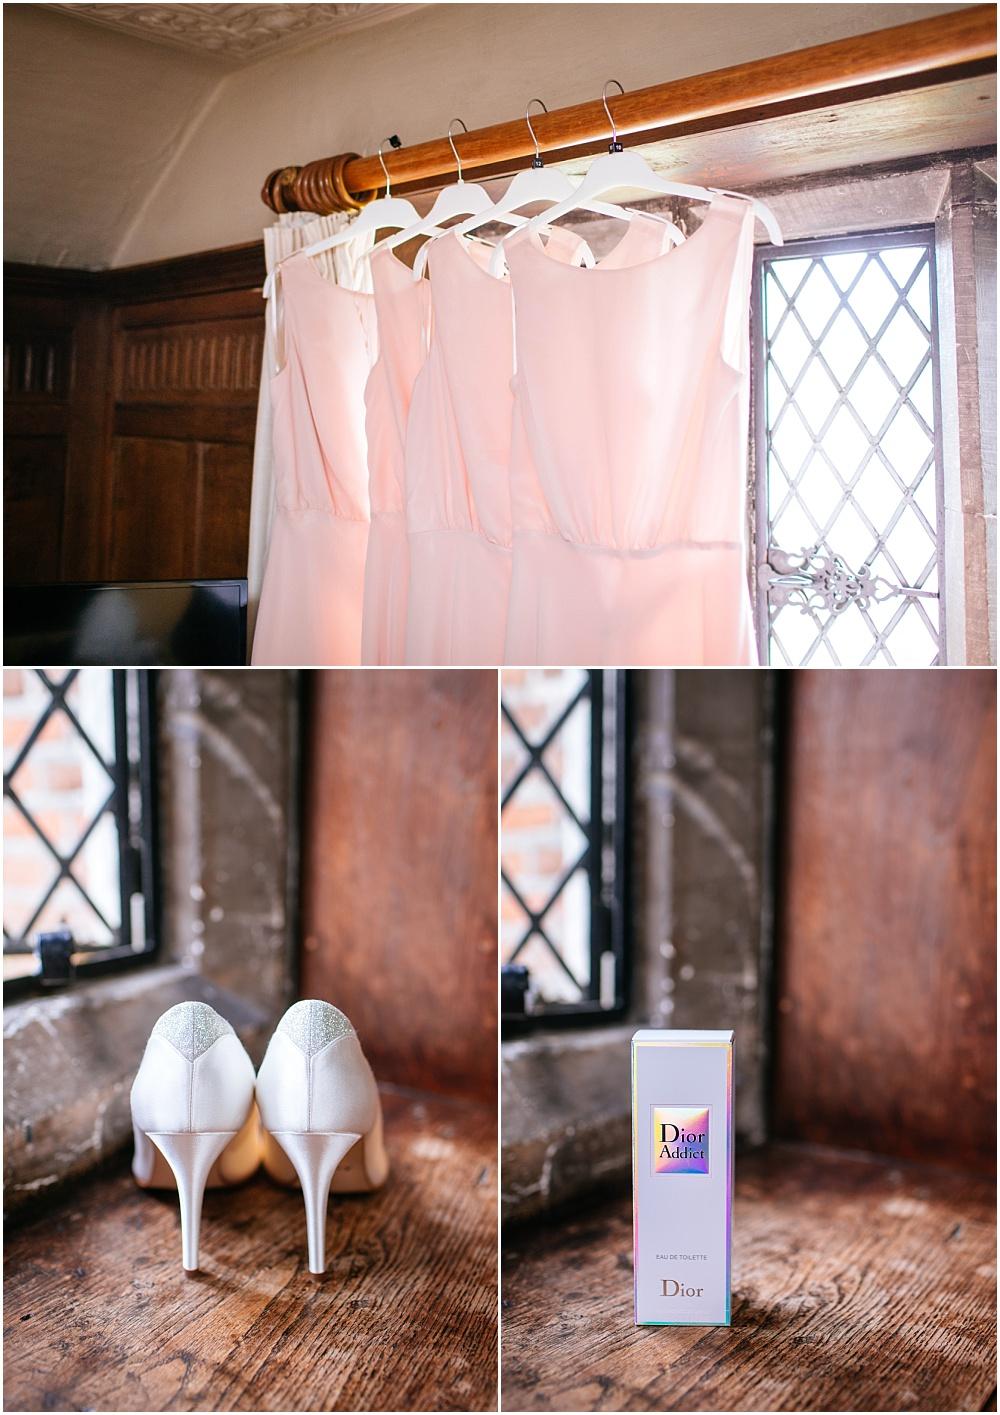 Pink bridesmaids dresses hanging up